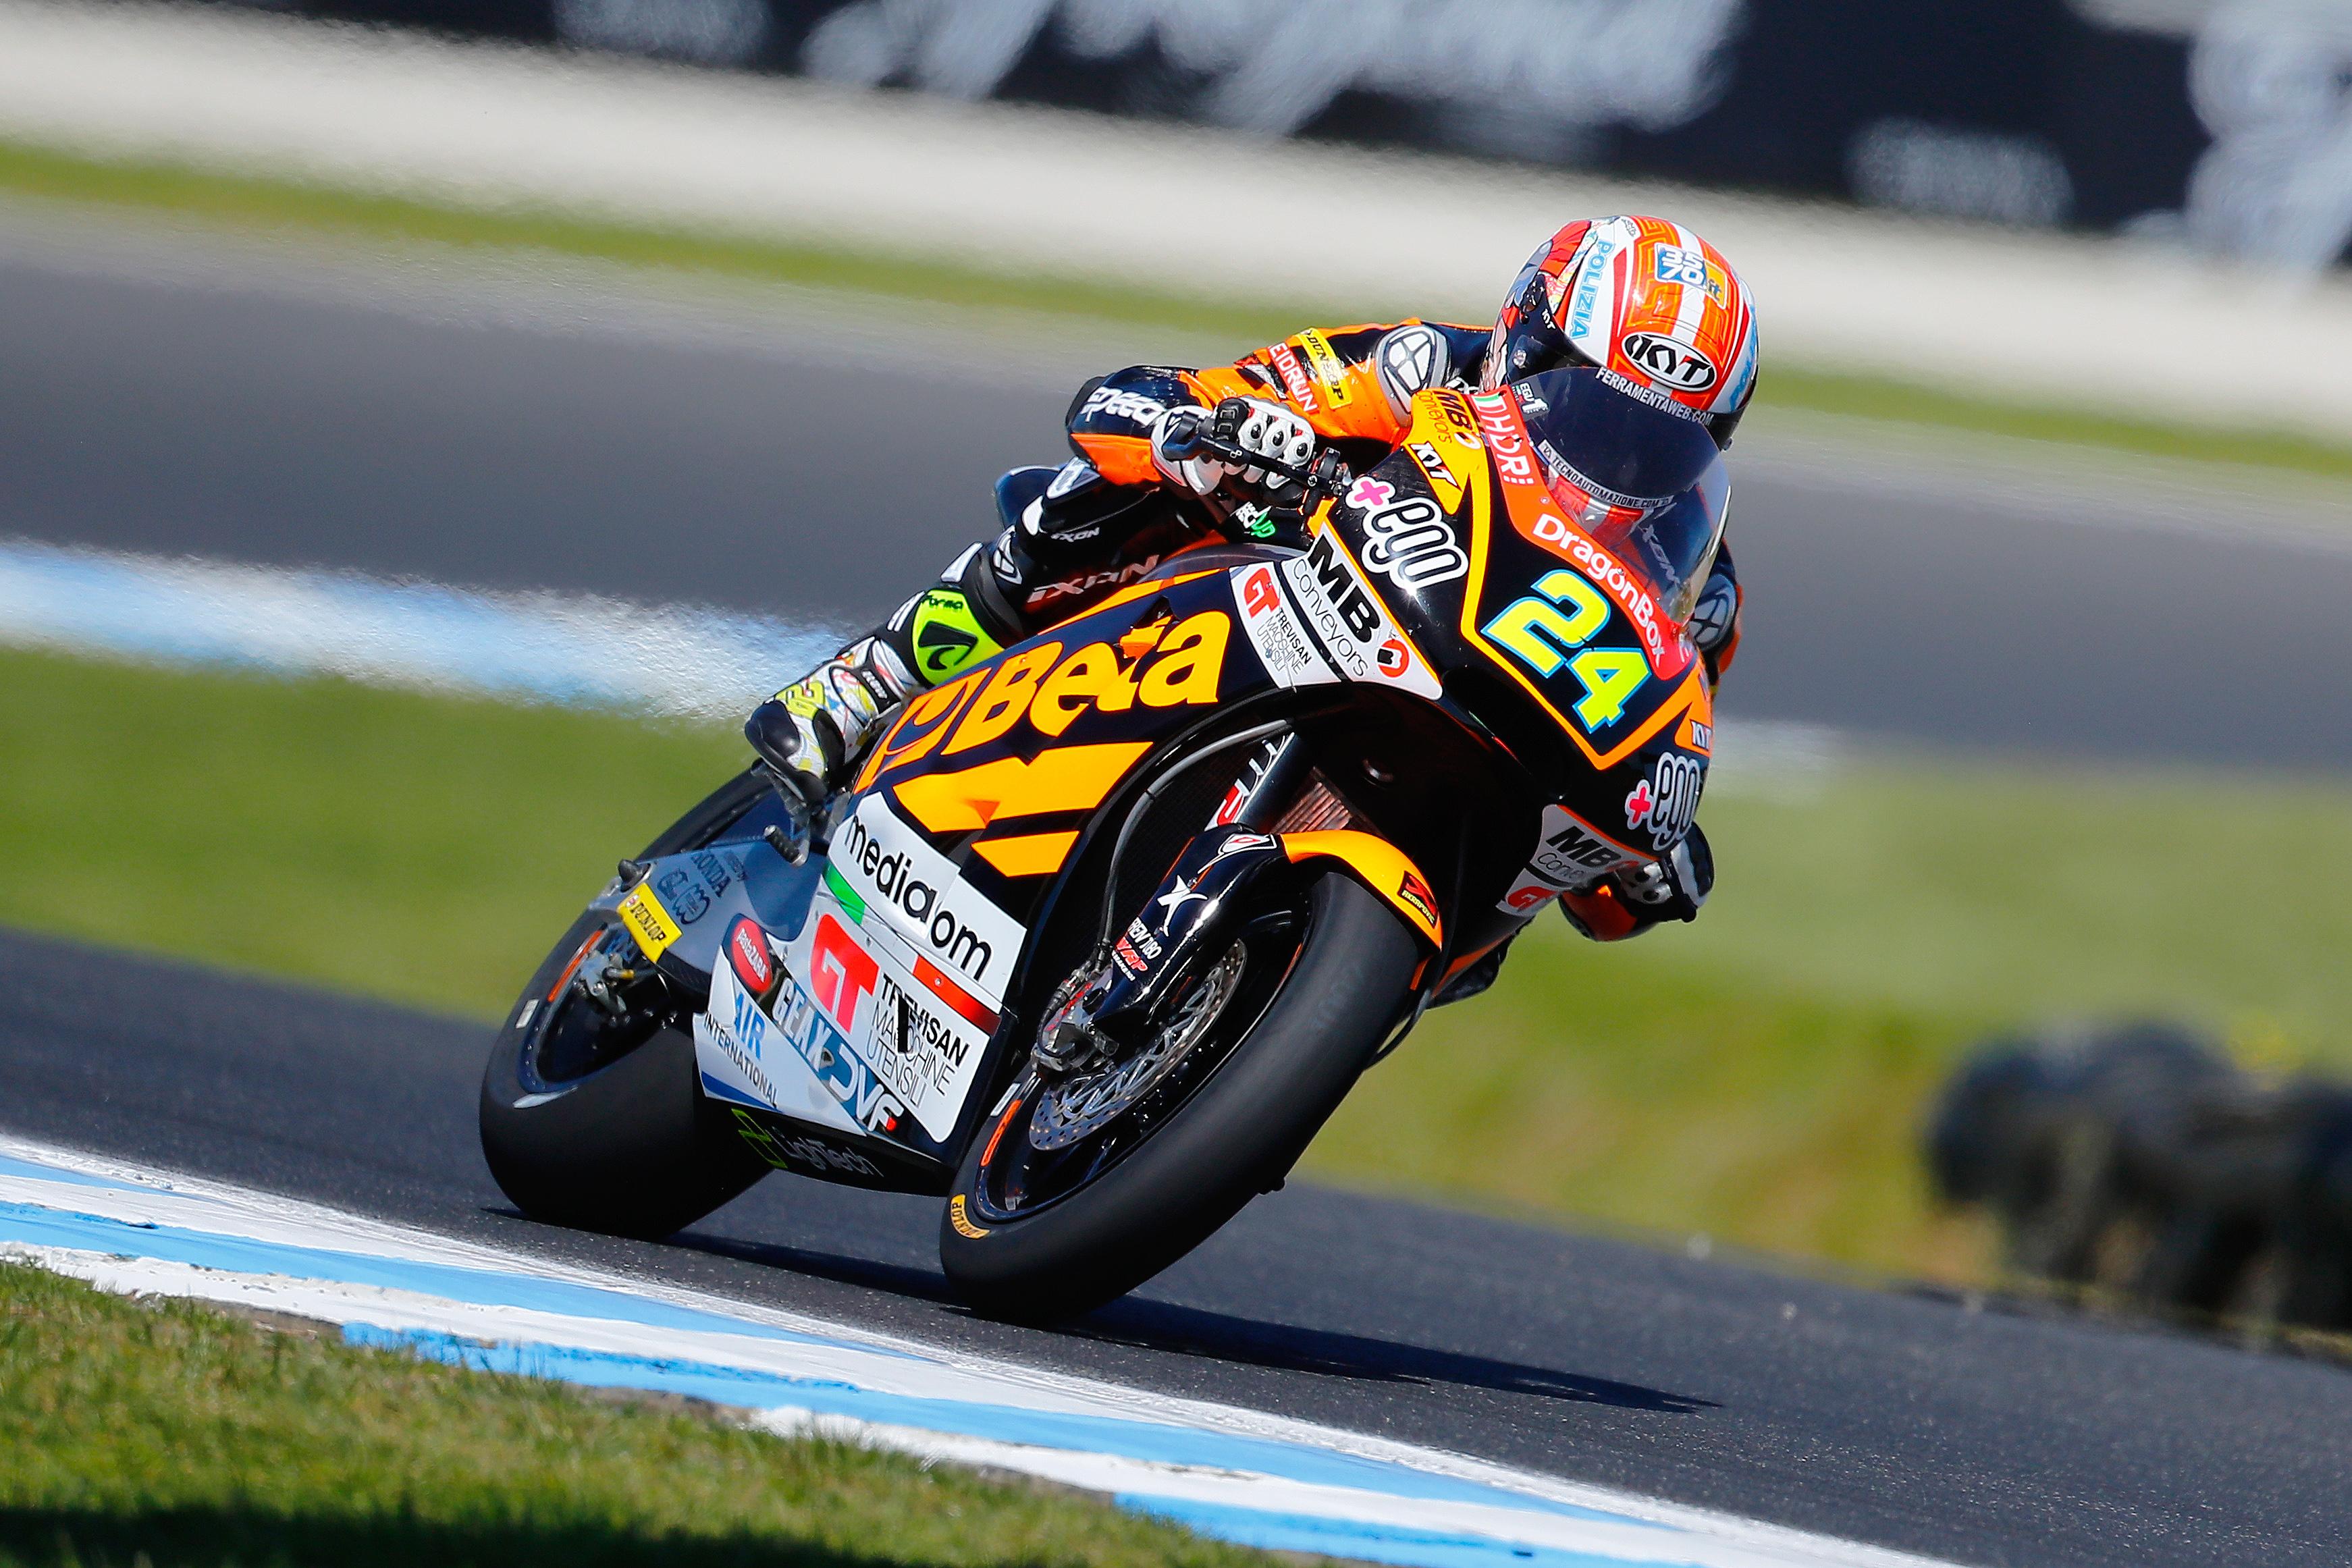 Corsi settimo al Gran Premio d'Australia